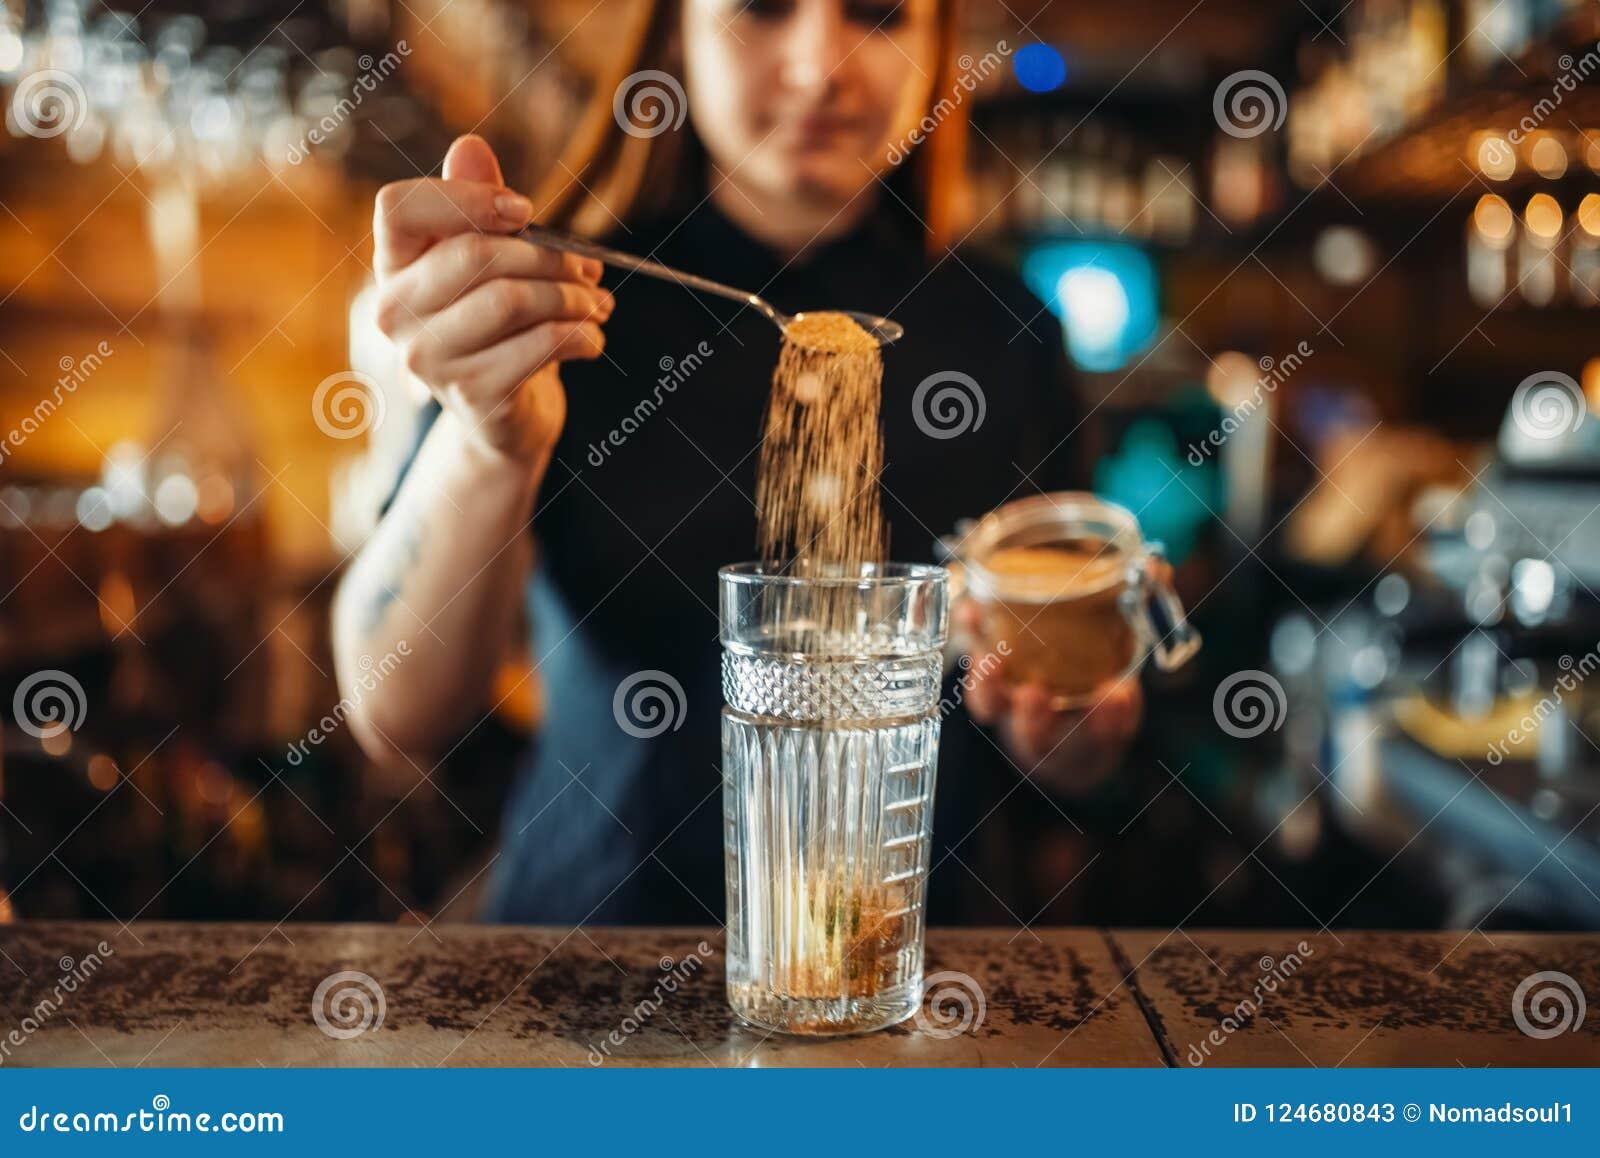 Weiblicher Kellner, der am Barzähler in der Kneipe mischt